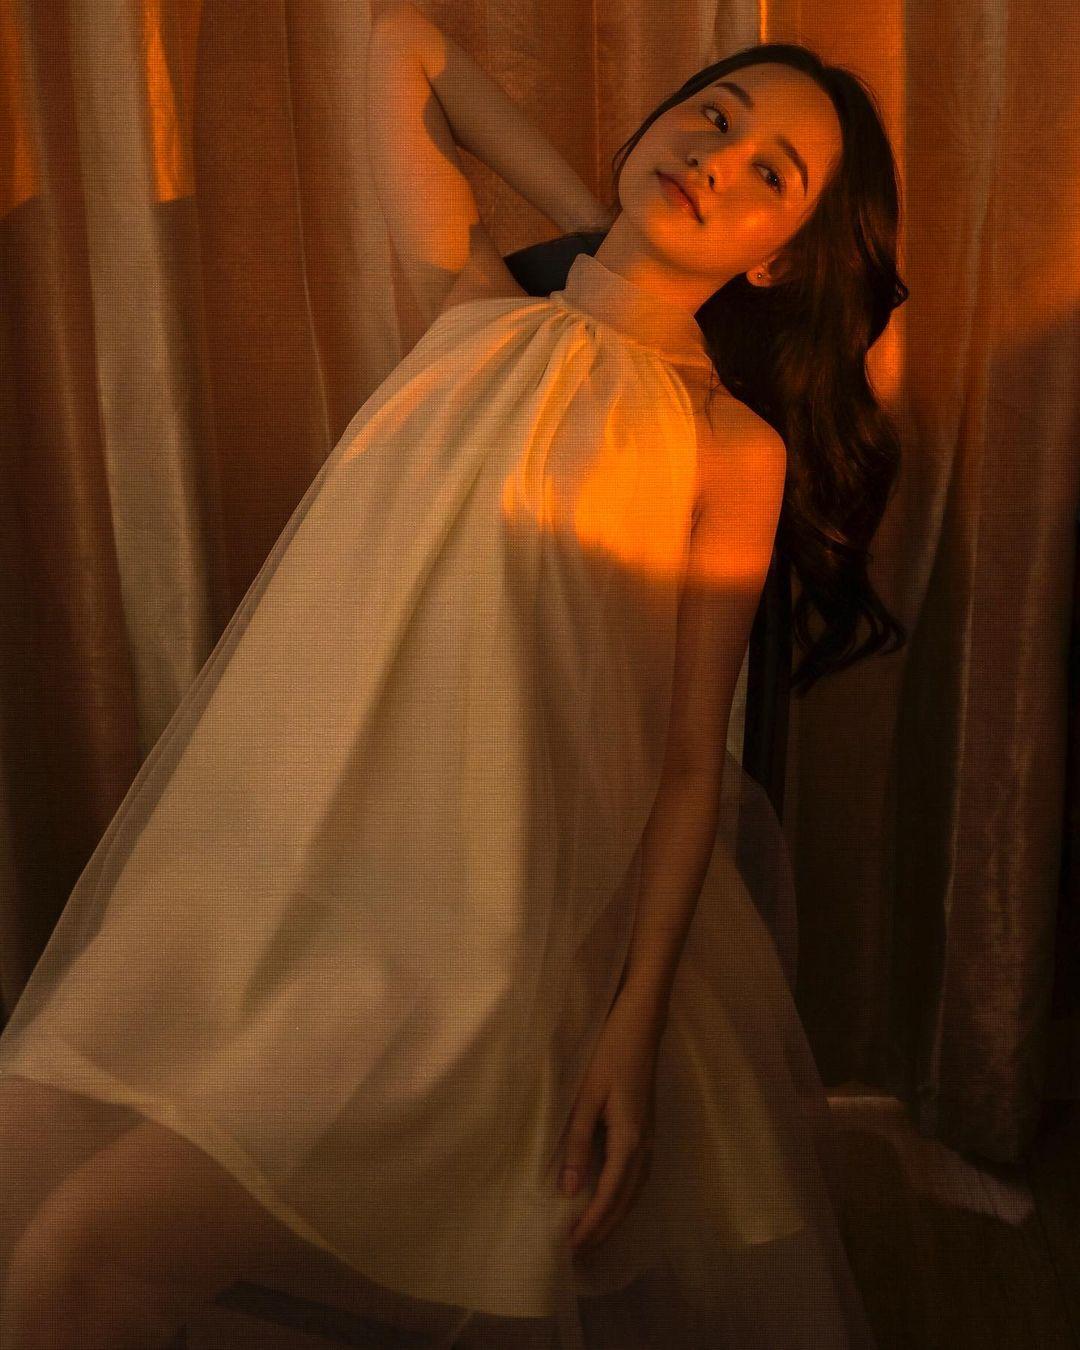 cách tạo dáng chụp ảnh đẹp khi mặc váy bằng việc Chạm tay vào tóc nhẹ nhàng